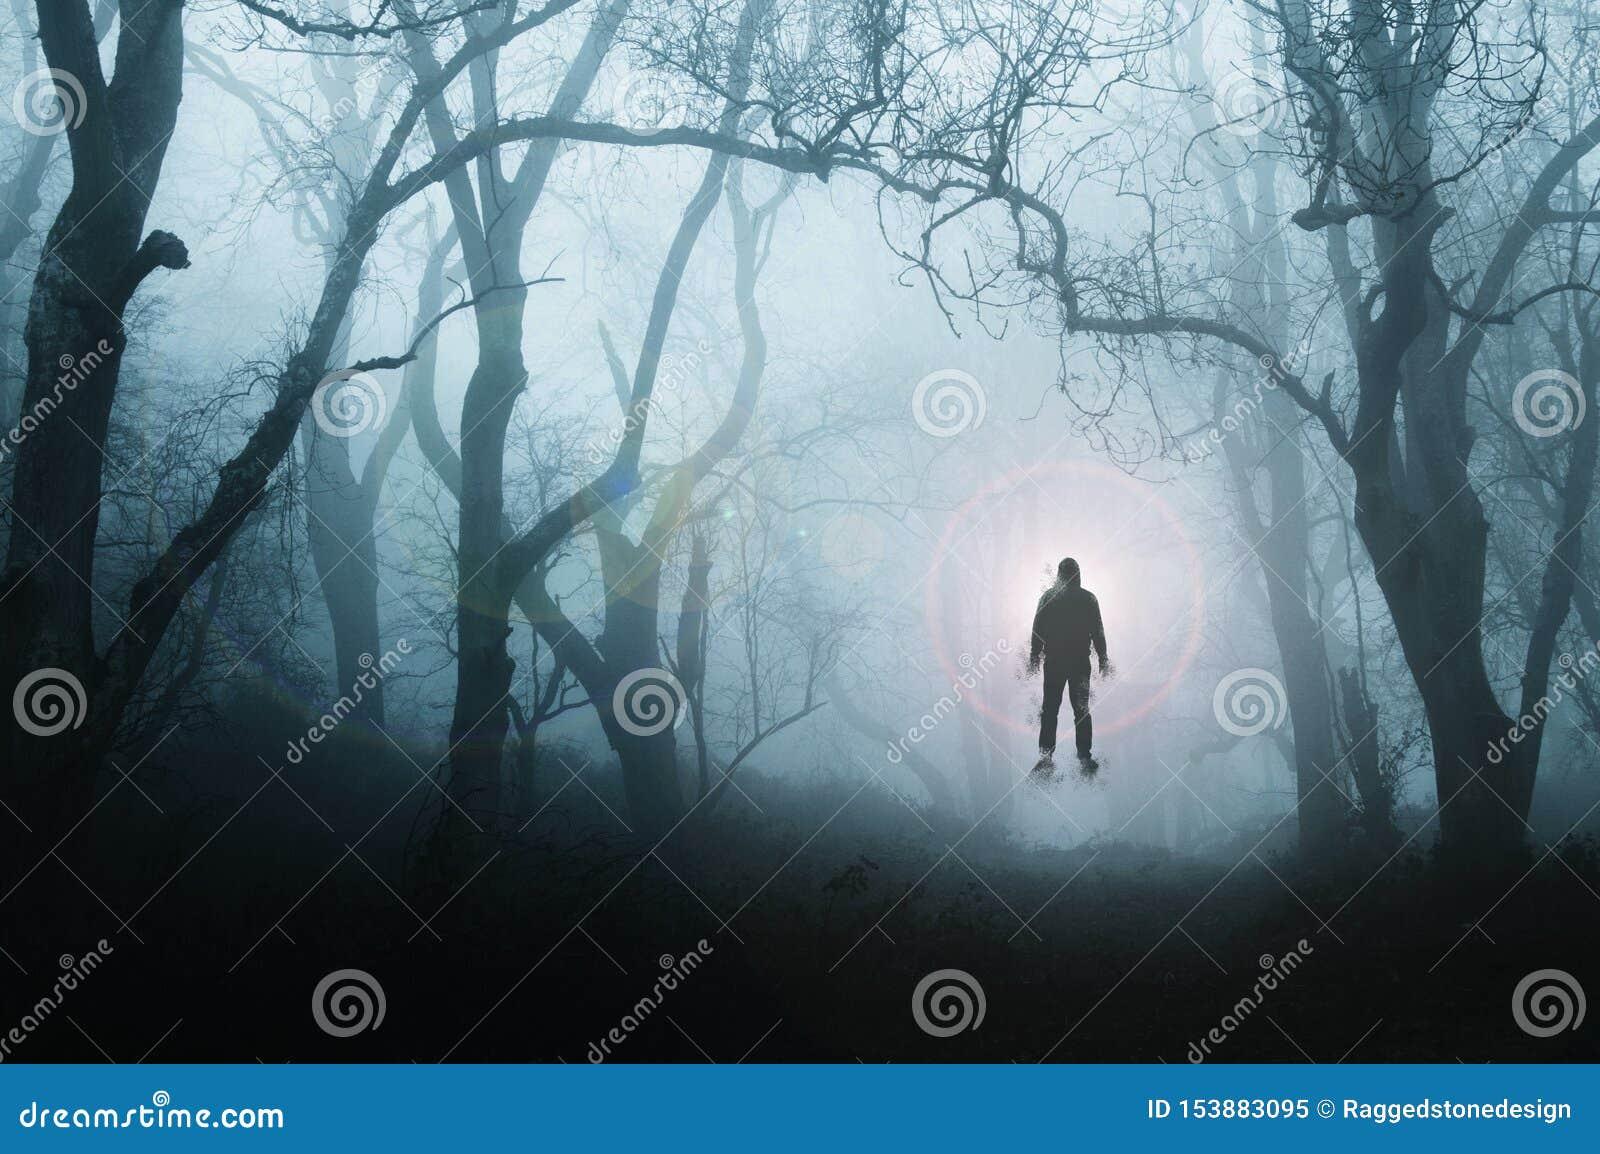 Ein gespenstischer, unheimlicher Wald im Winter, wenn ein Mann gegen ein helles Licht schwimmt, wenn die Bäume durch Nebel silhou